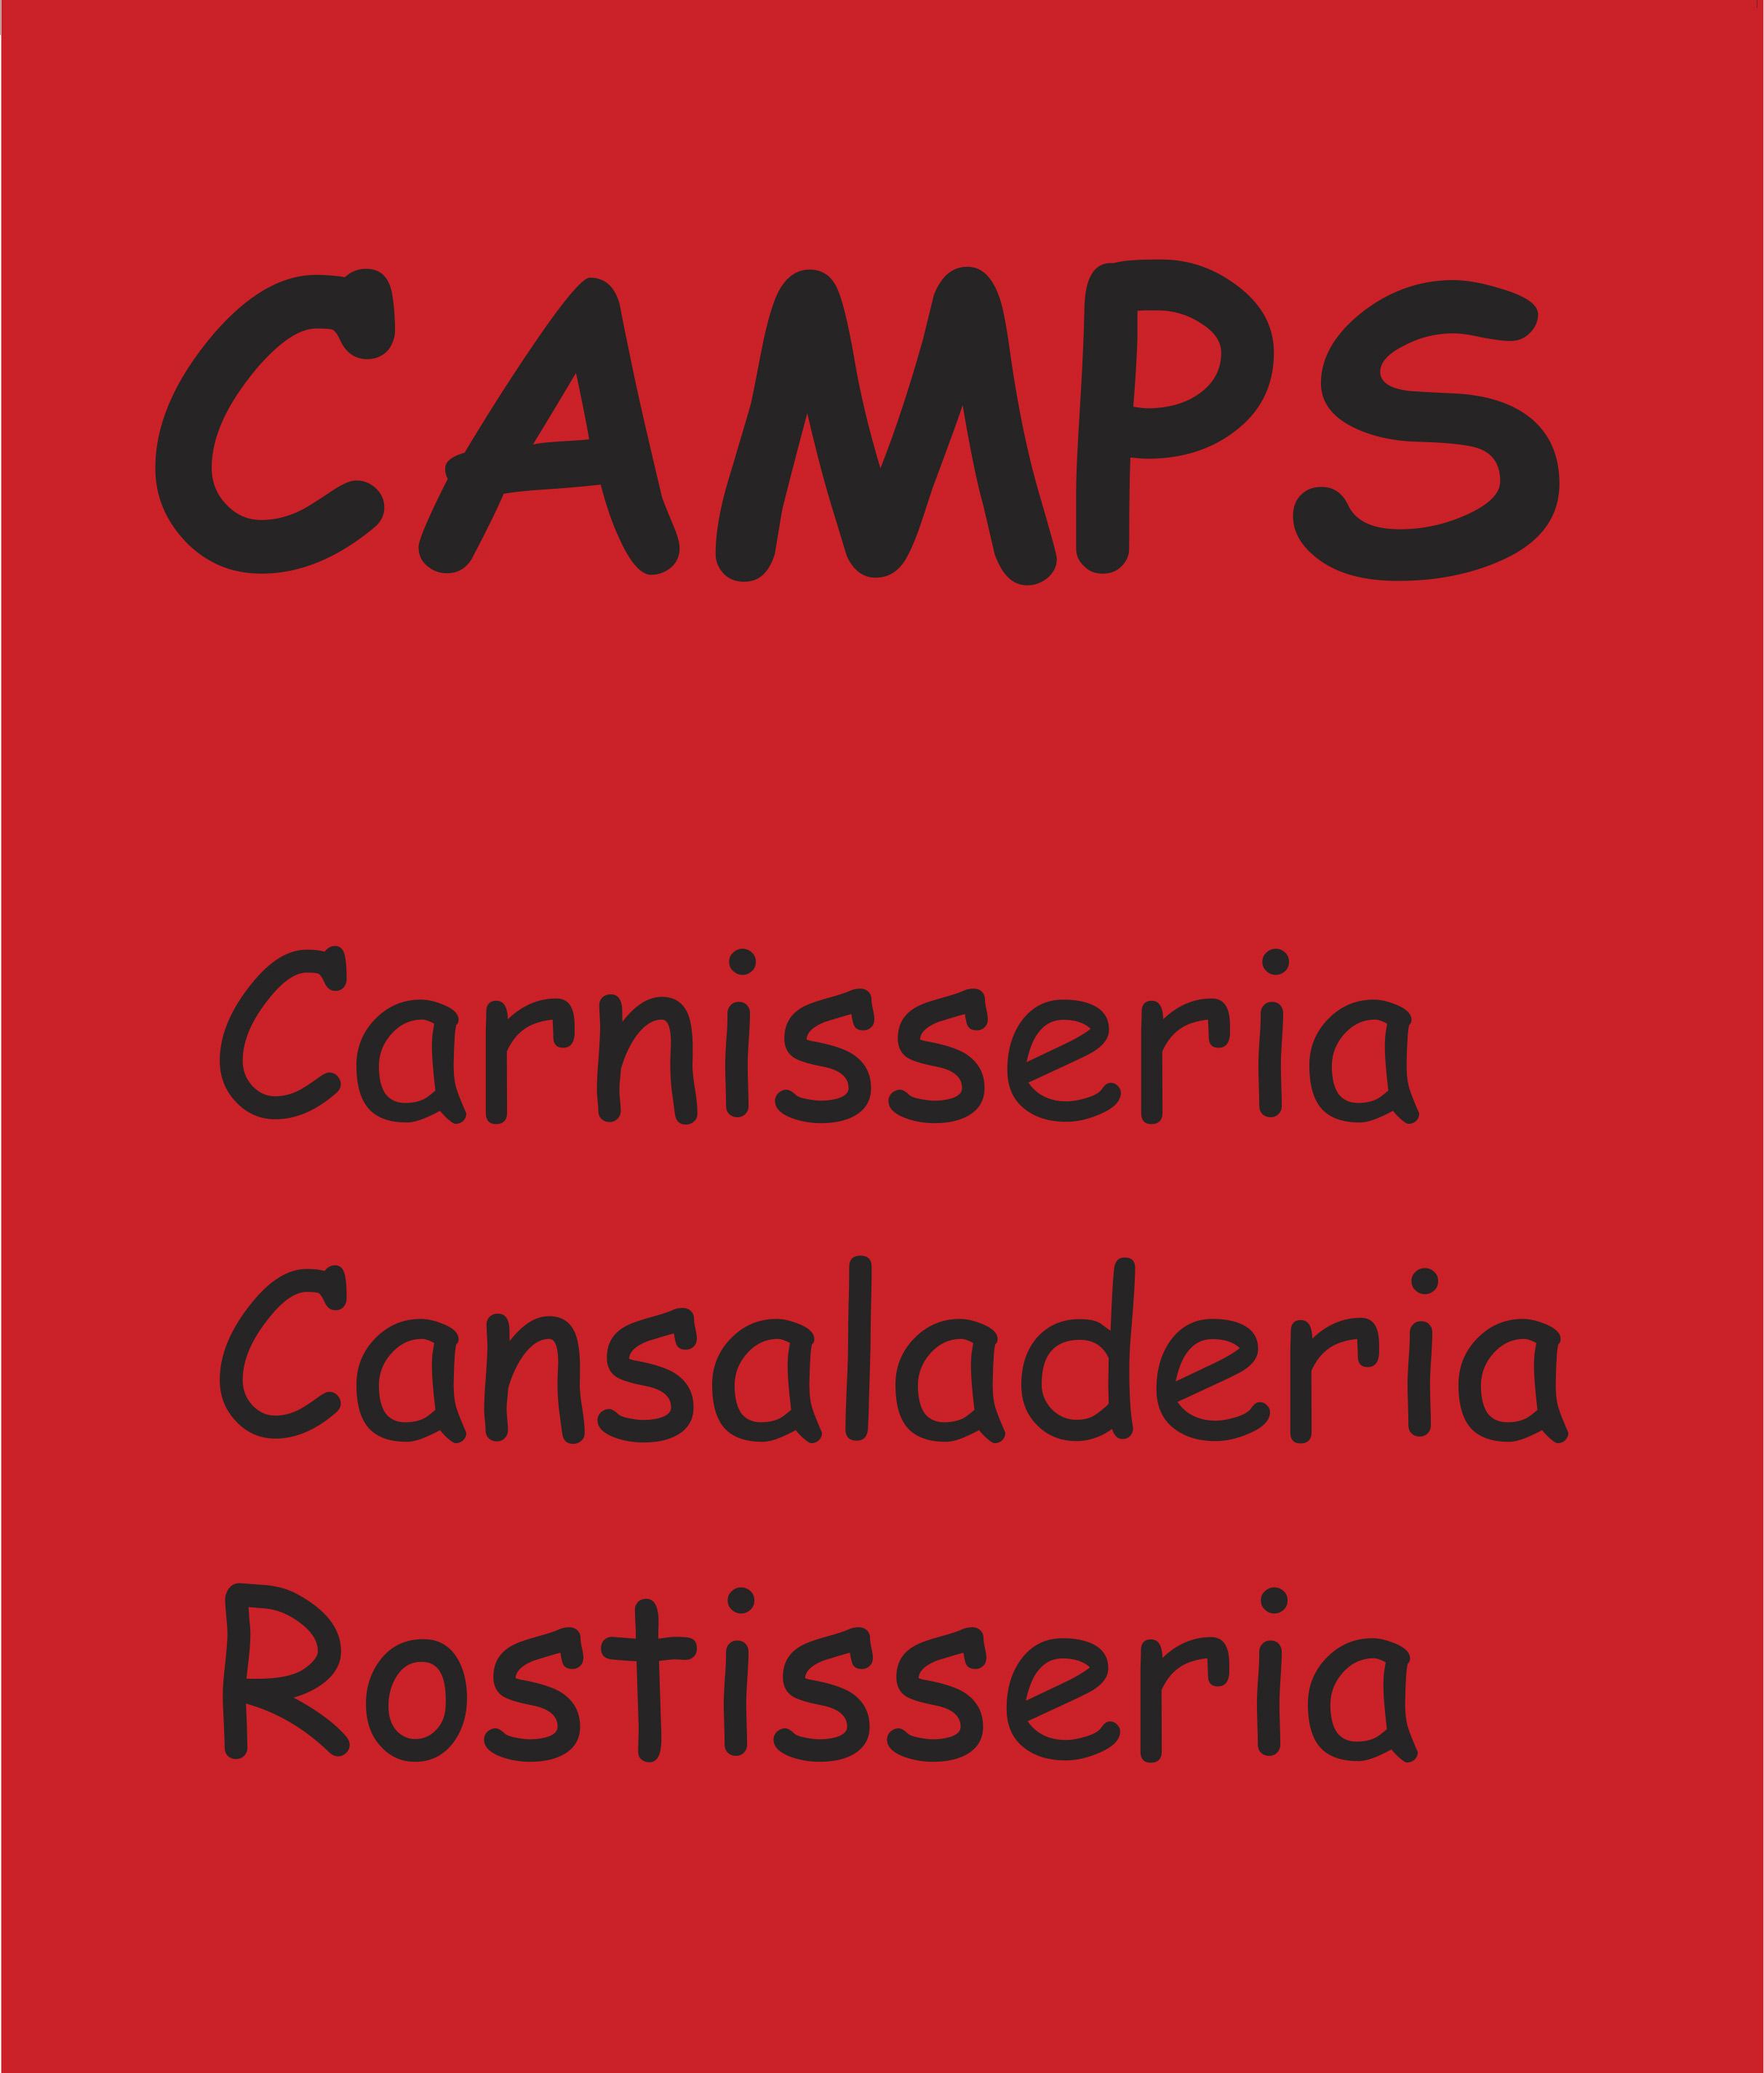 CARNISSERIA I ROSTISSERIA CAMPS